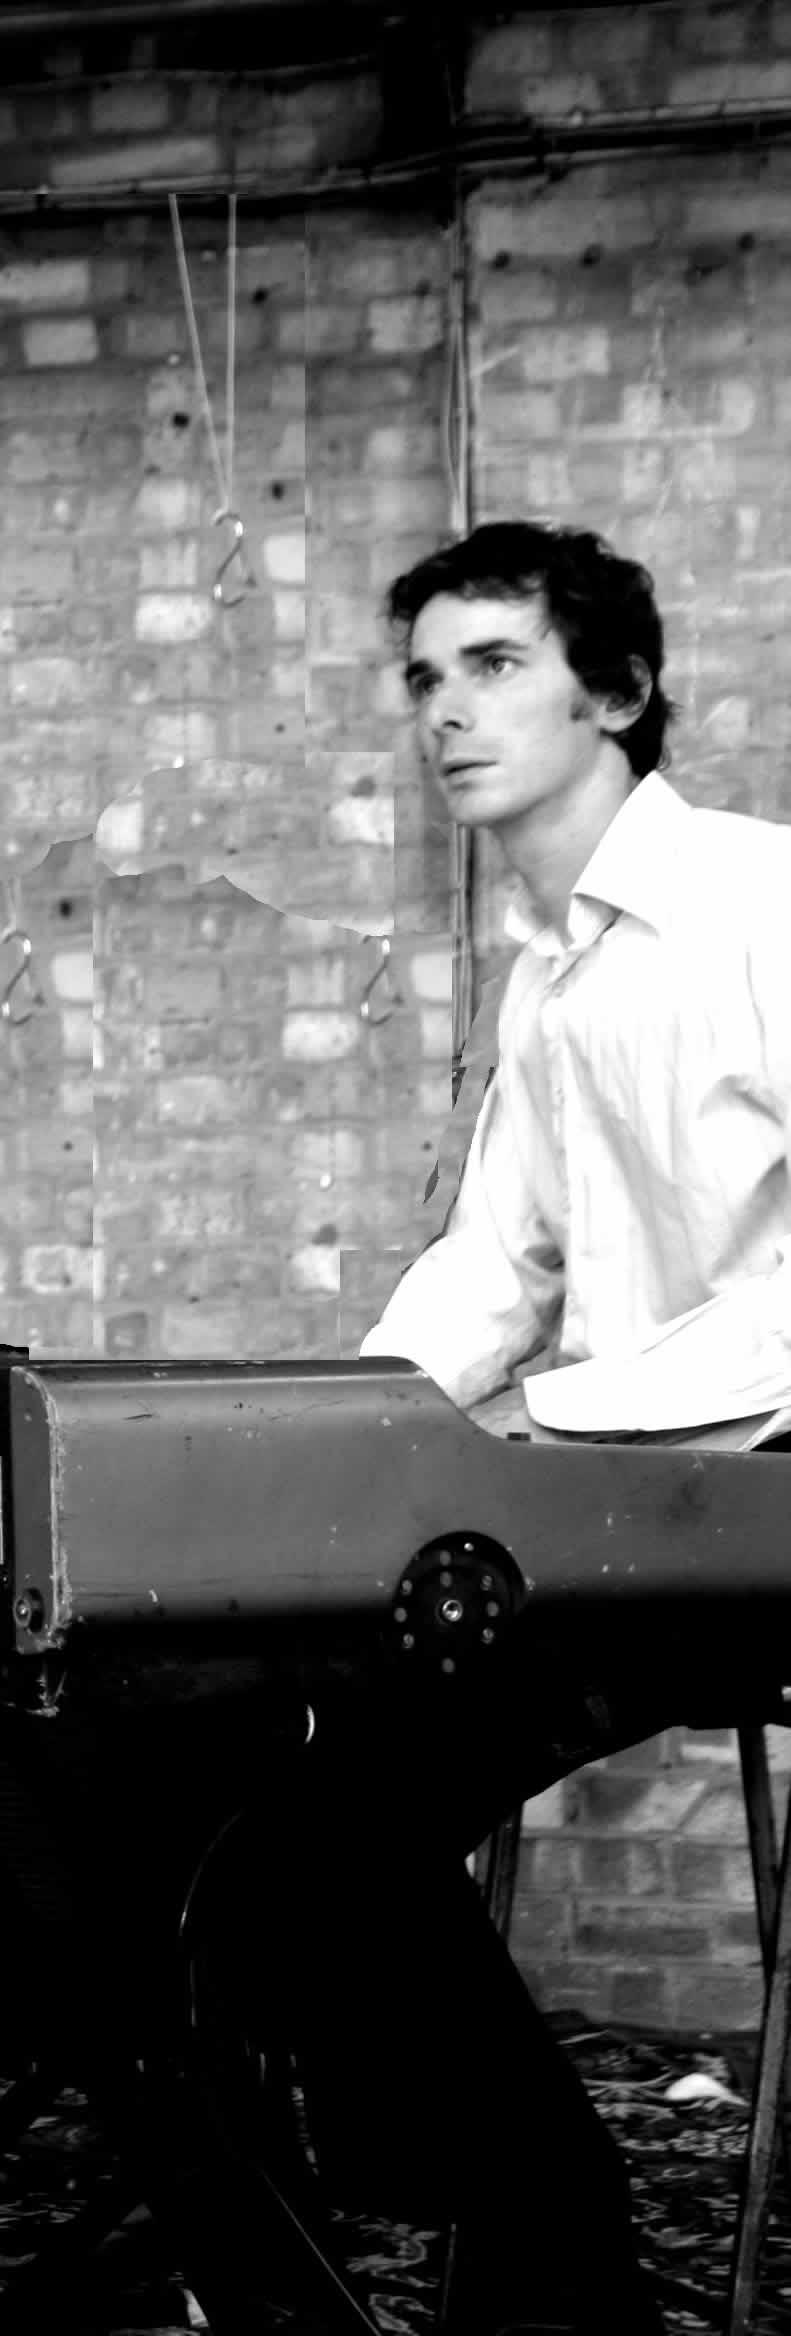 Jamie Wedding Pianist Leeds 1